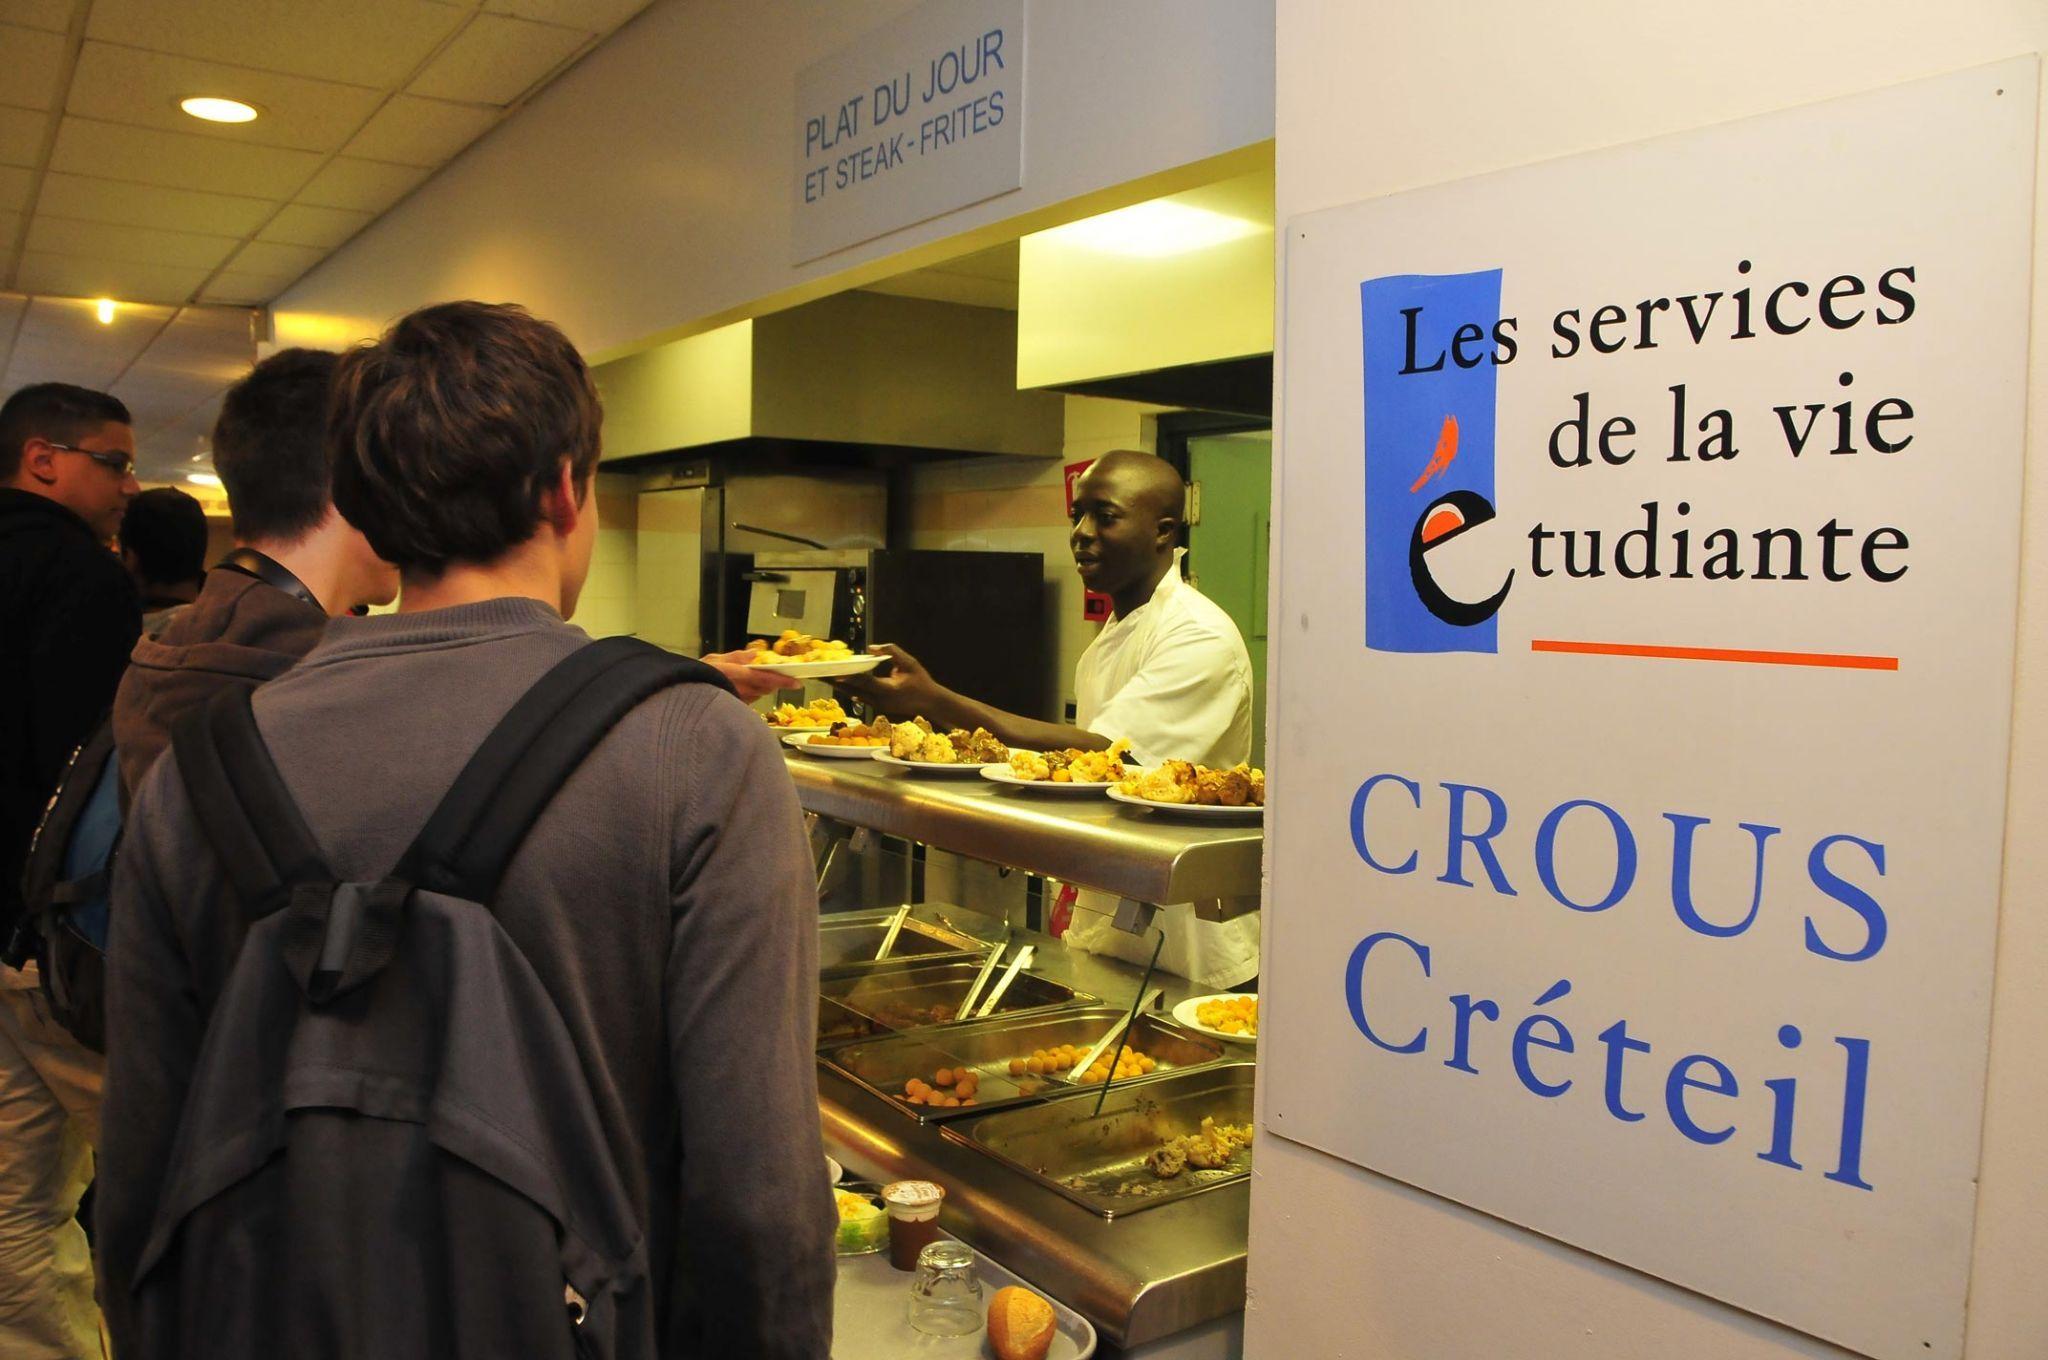 Etudiants De Creteil Vous N Avez Toujours Pas Recu Votre Bourse